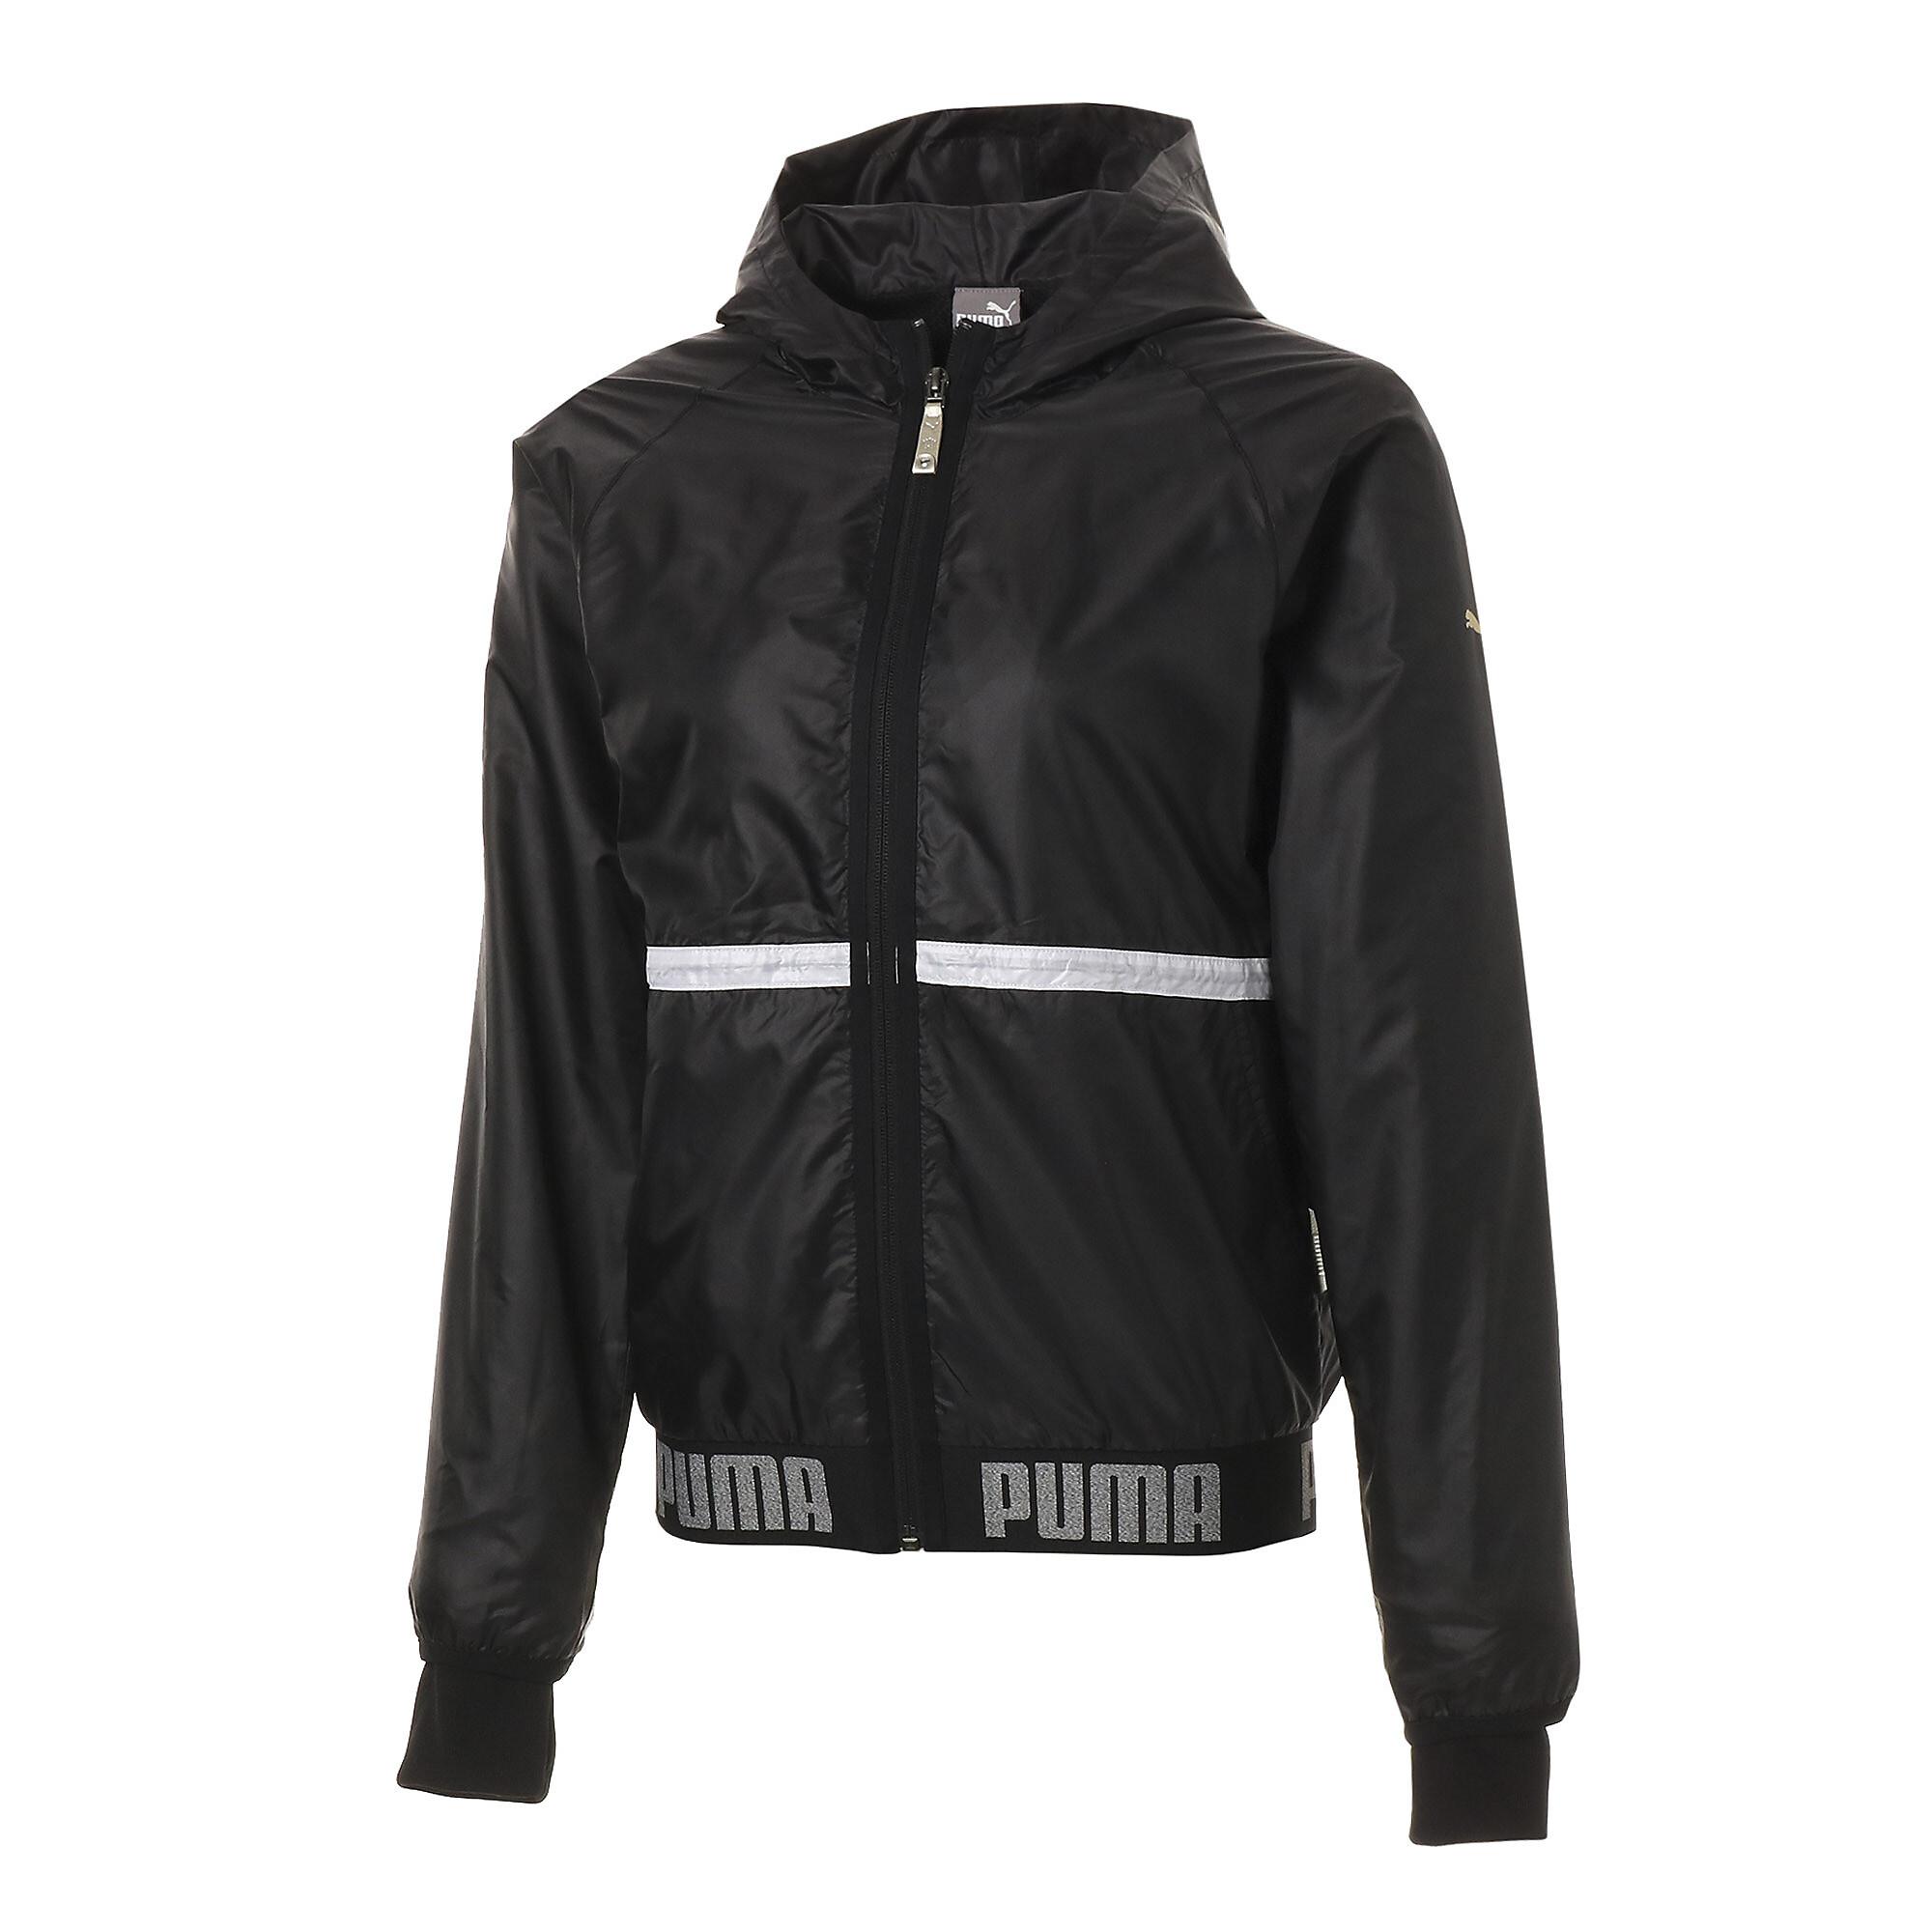 プーマ ゴルフ ウィメンズ ウインド ジャケット ウィメンズ Puma Black |PUMA.com